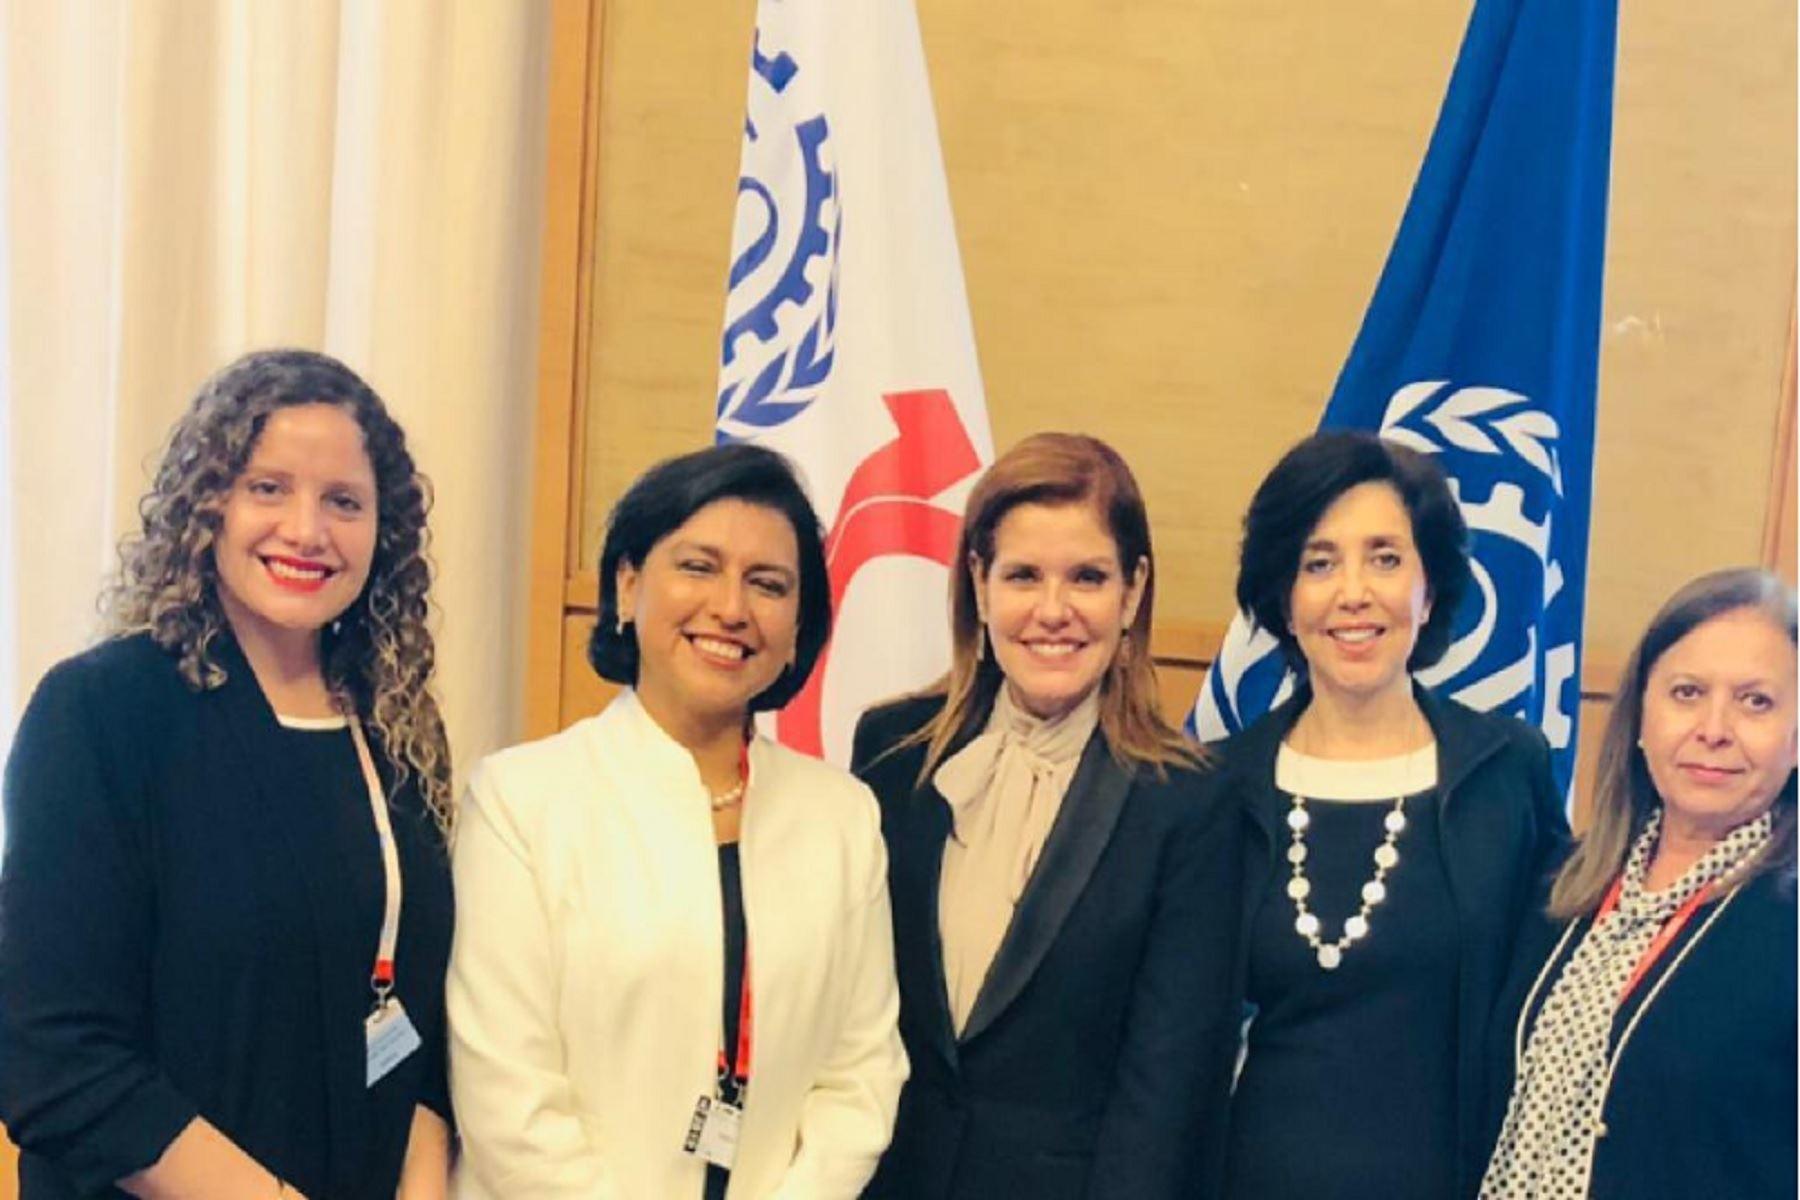 Mercedes Aráoz encabezó delegación de mujeres en conferencia por los 100 años de la OIT